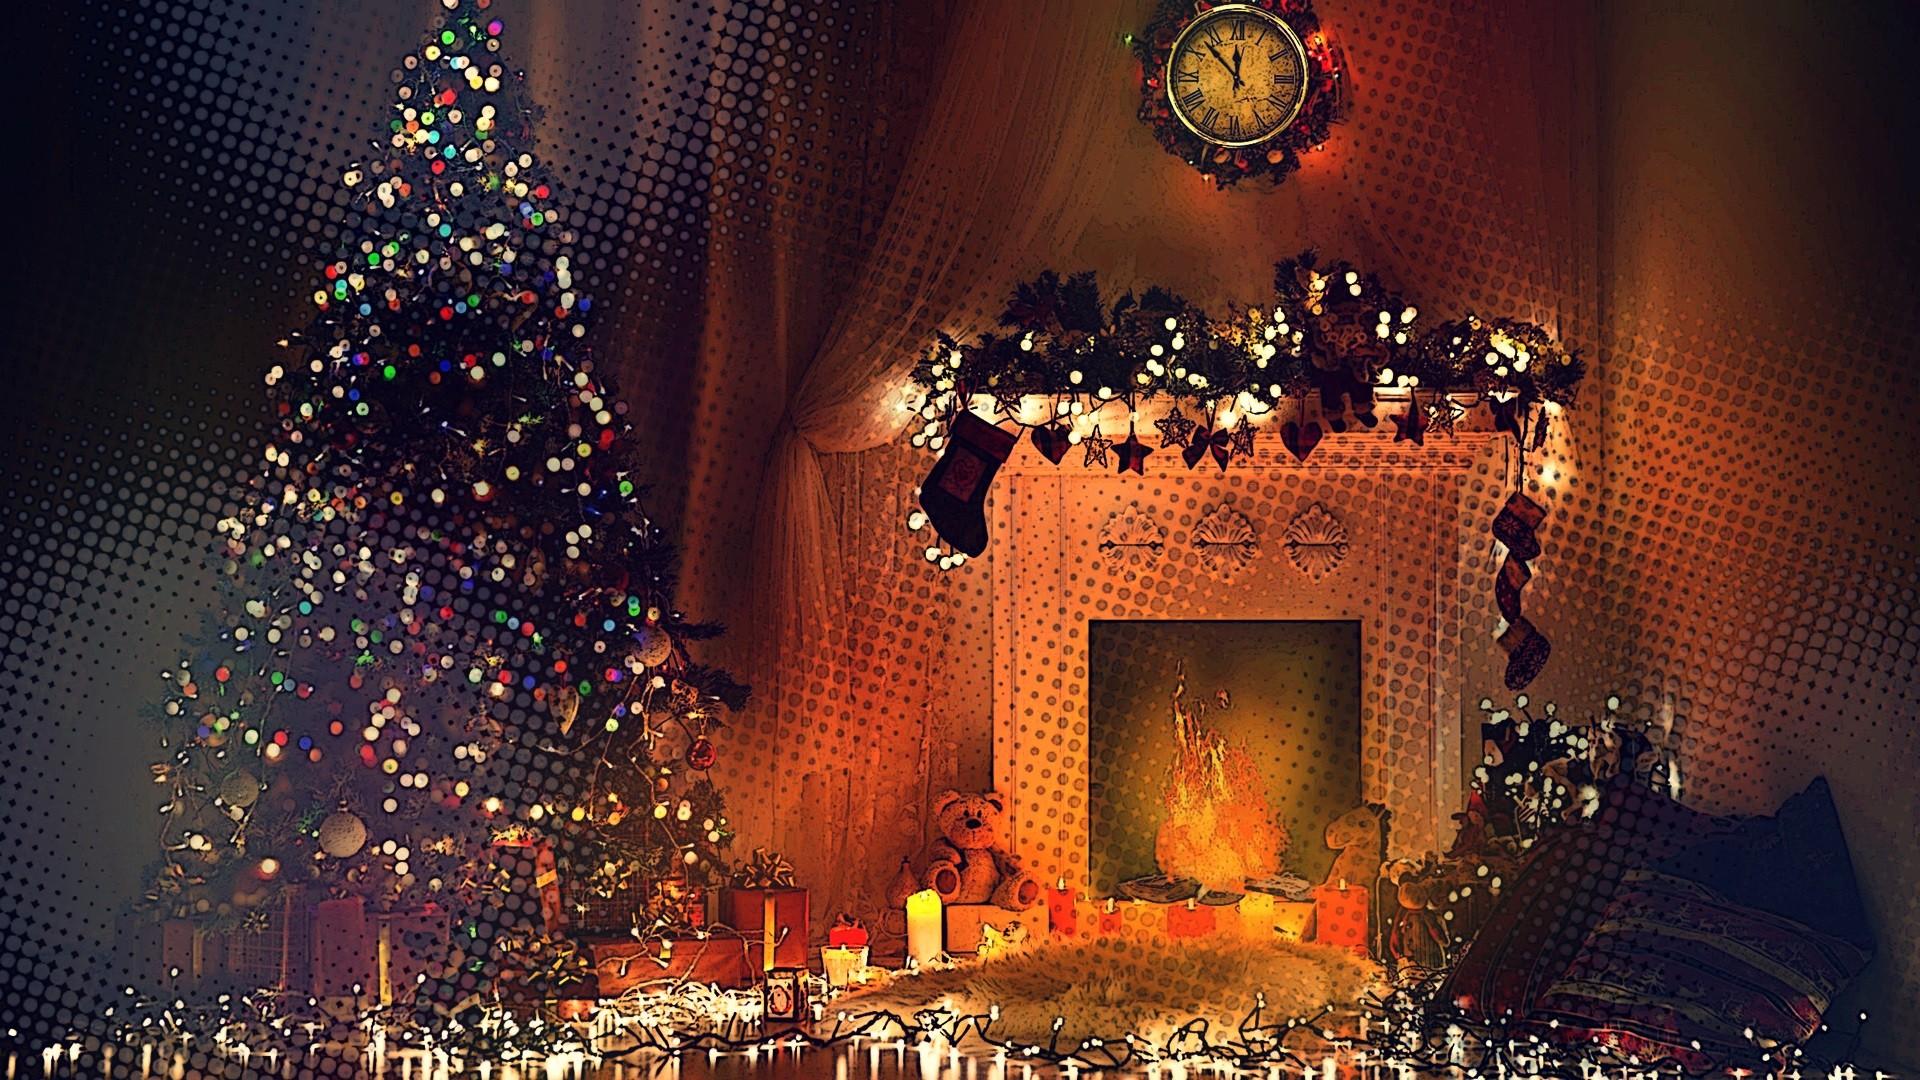 новогодние обои на рабочий стол елка в огнях широкоформатные меня нет